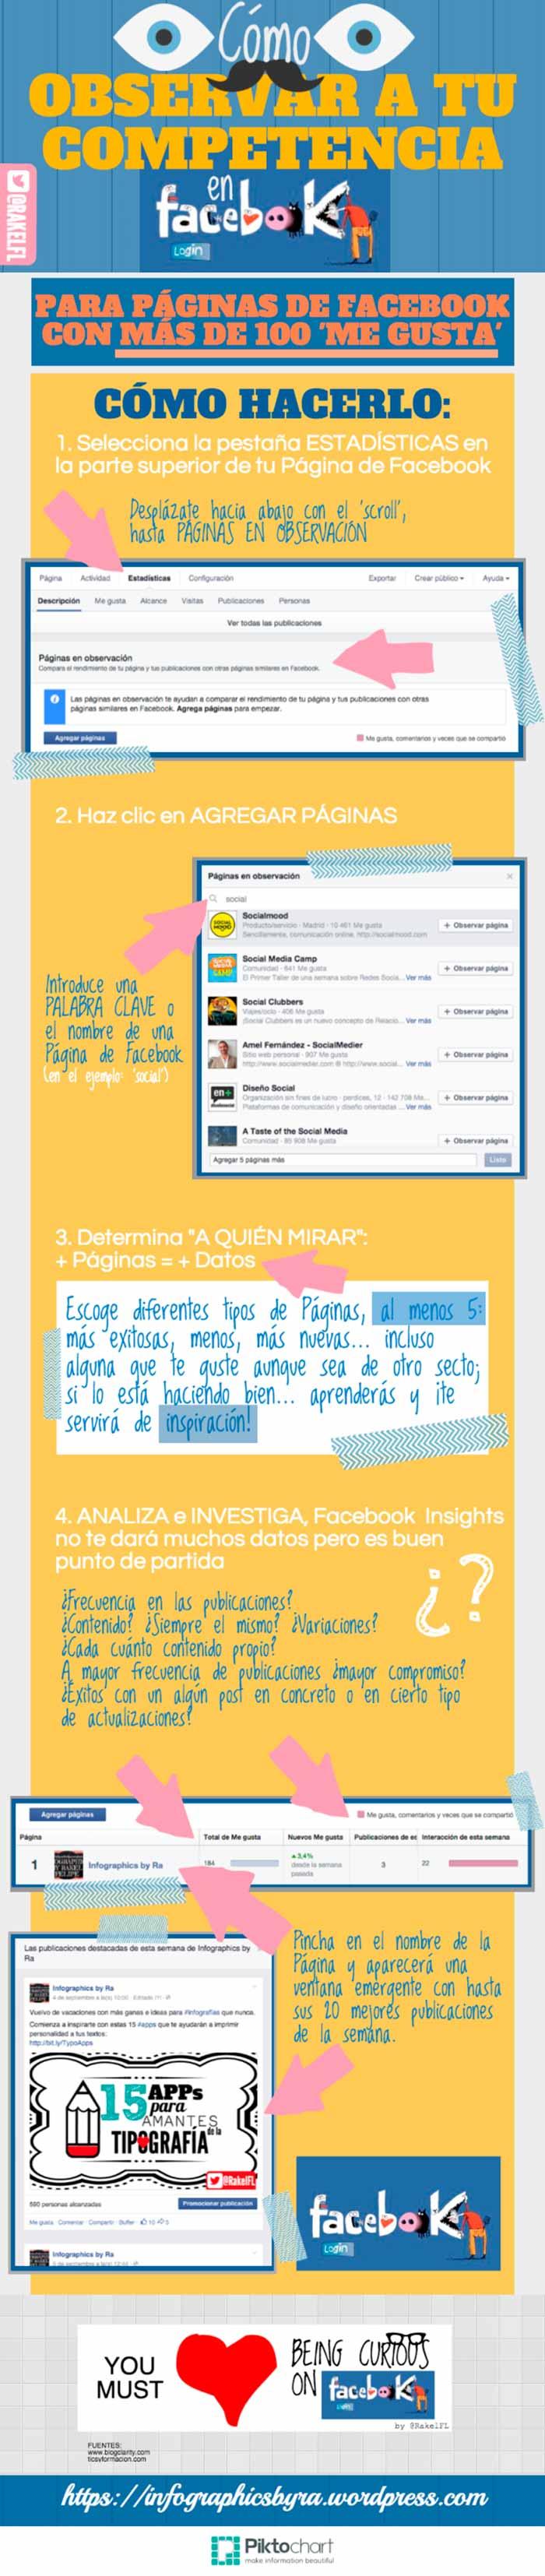 Infografia sobre como observar a la competencia en Facebook